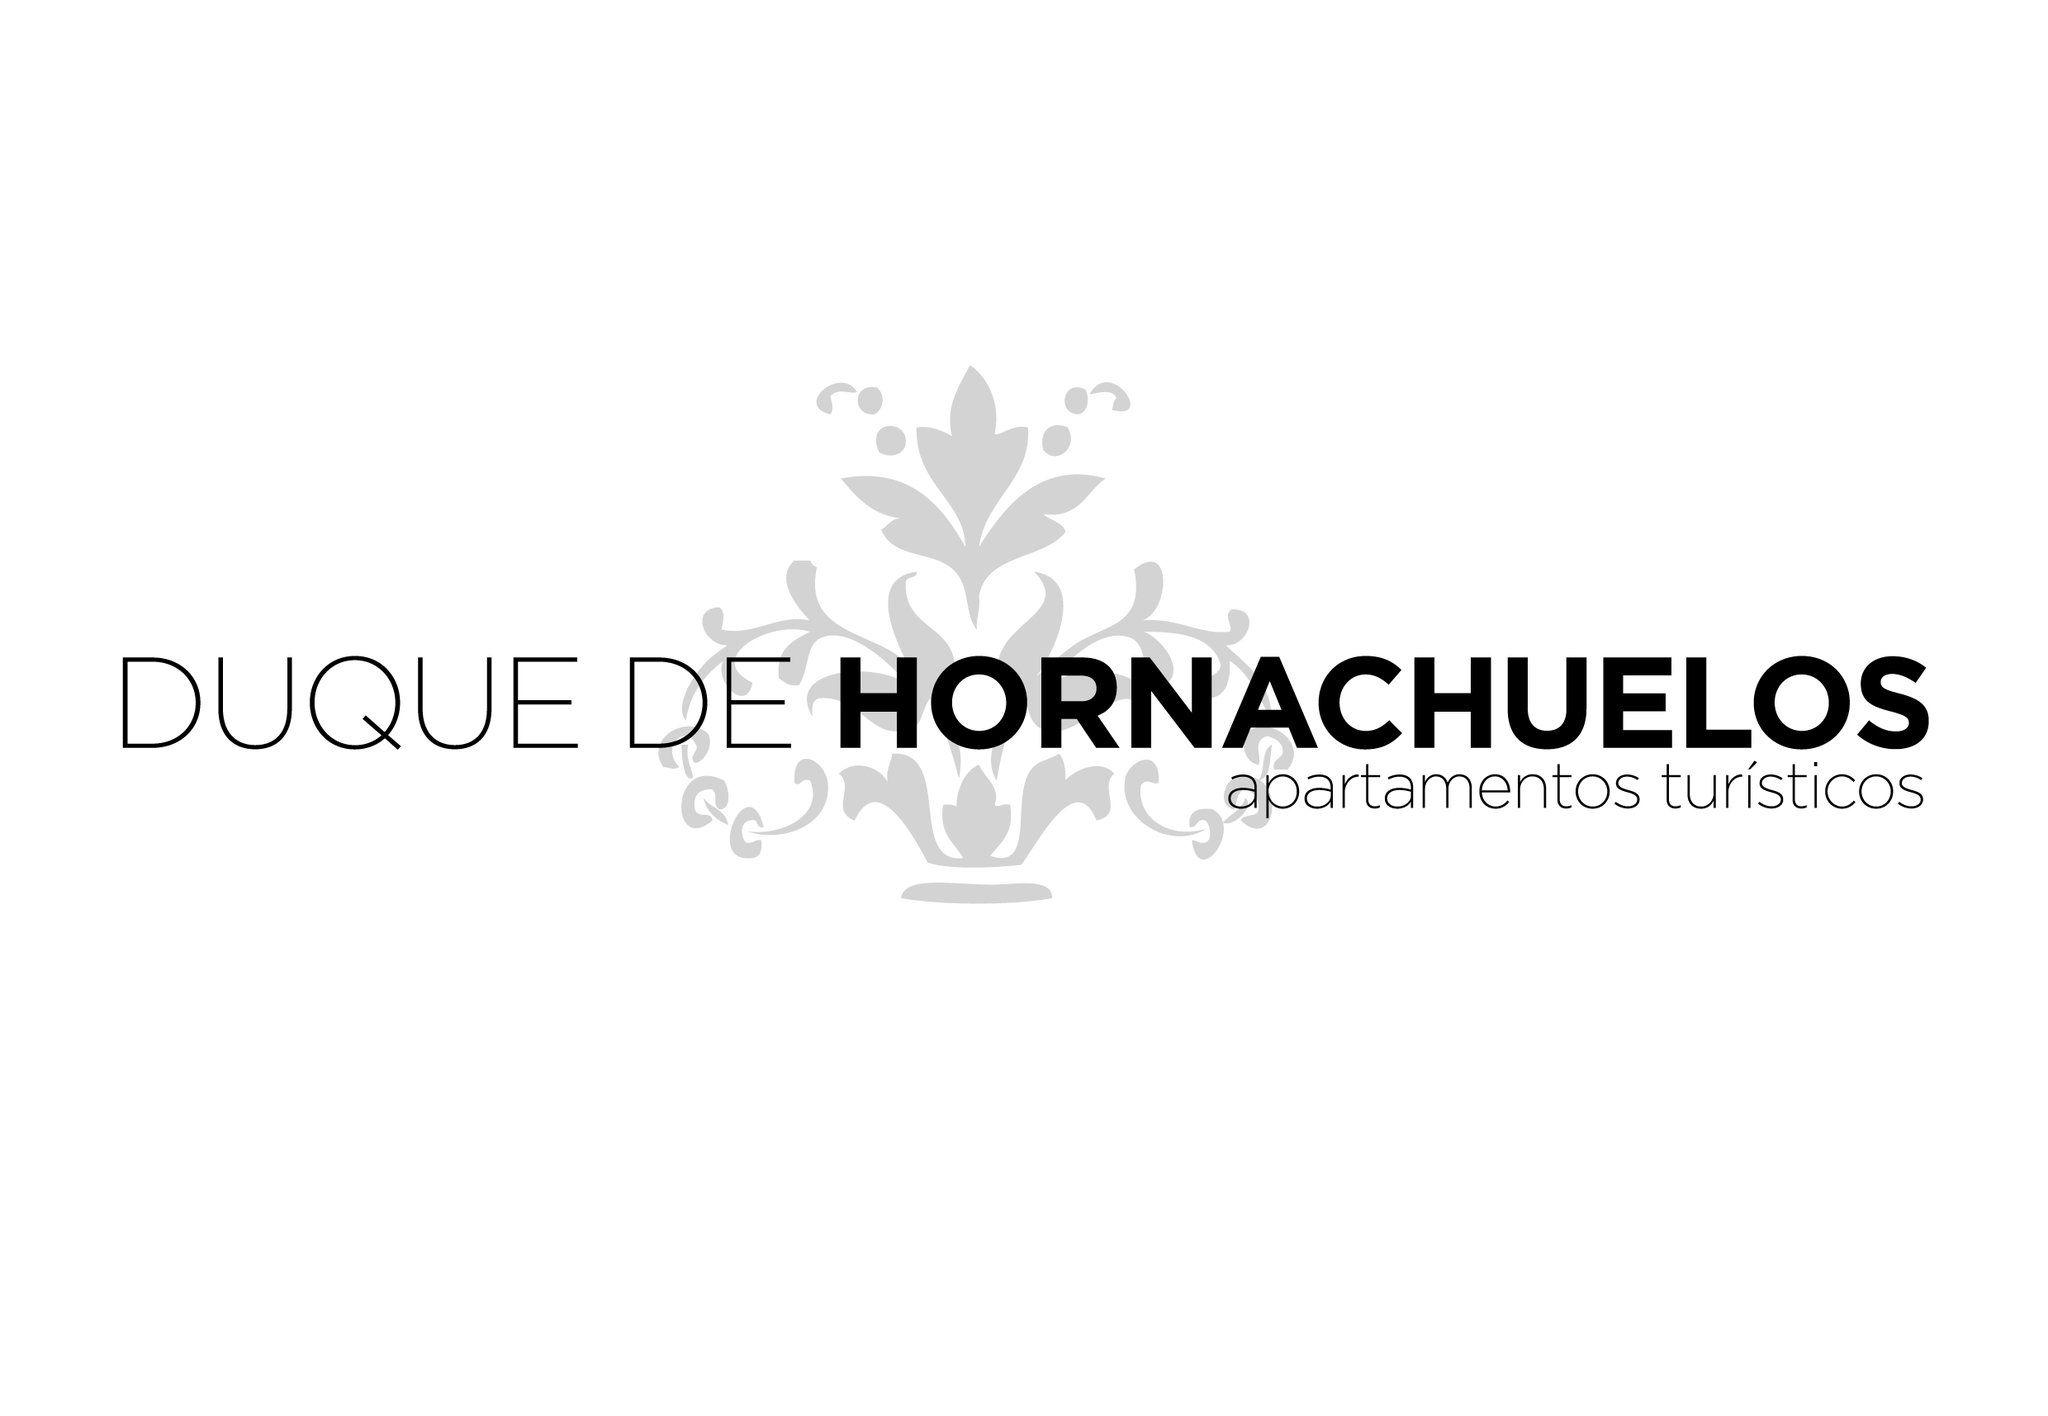 霍纳什勒斯伯爵旅游公寓酒店